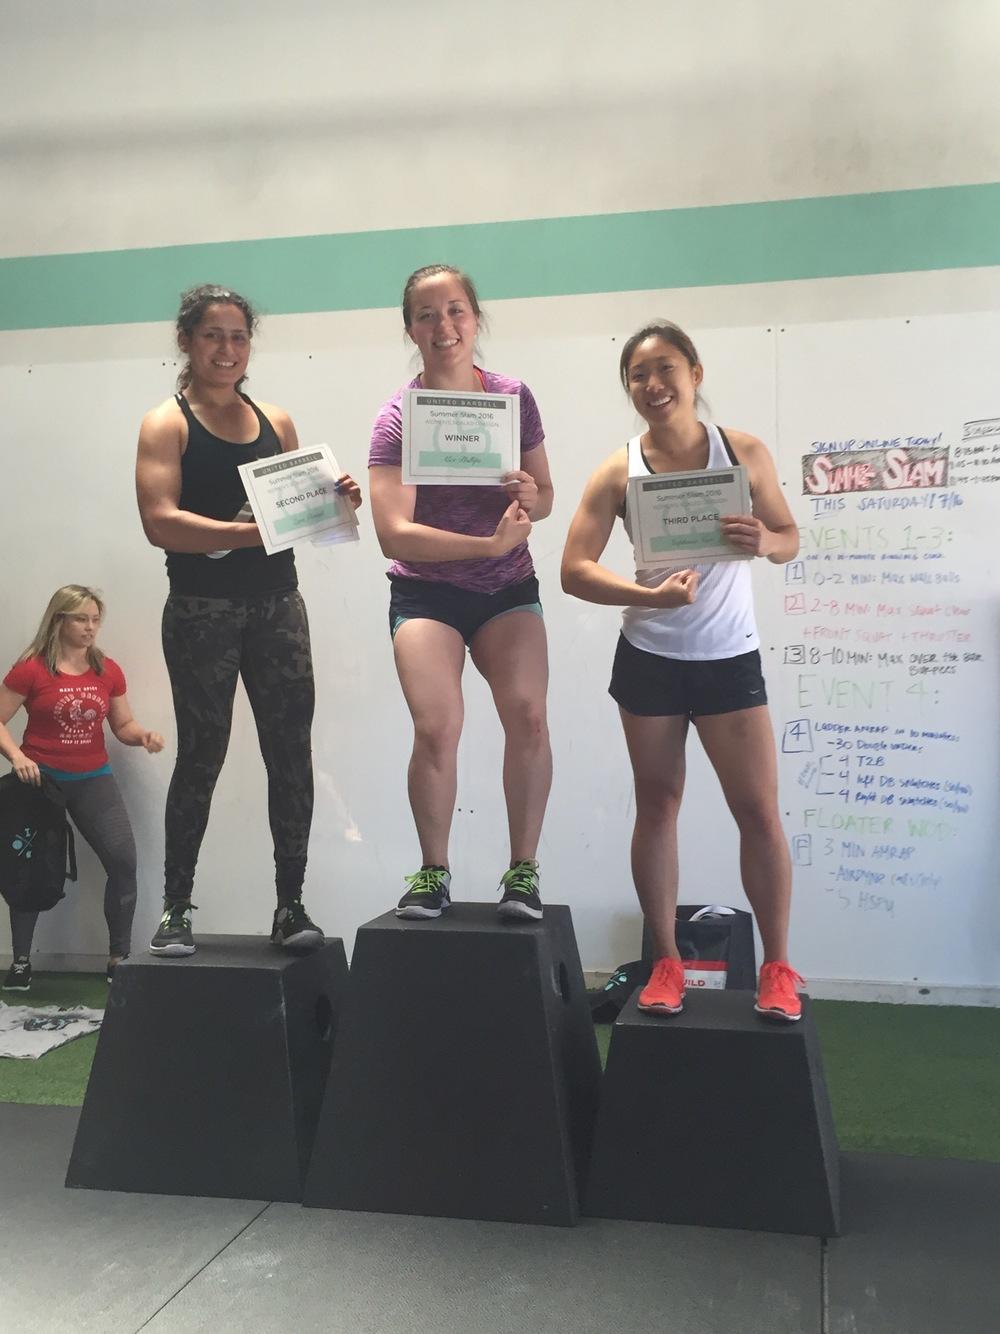 Scaled Ladies: 1st - Alex P., 2nd - Zara, 3rd - Stephanie